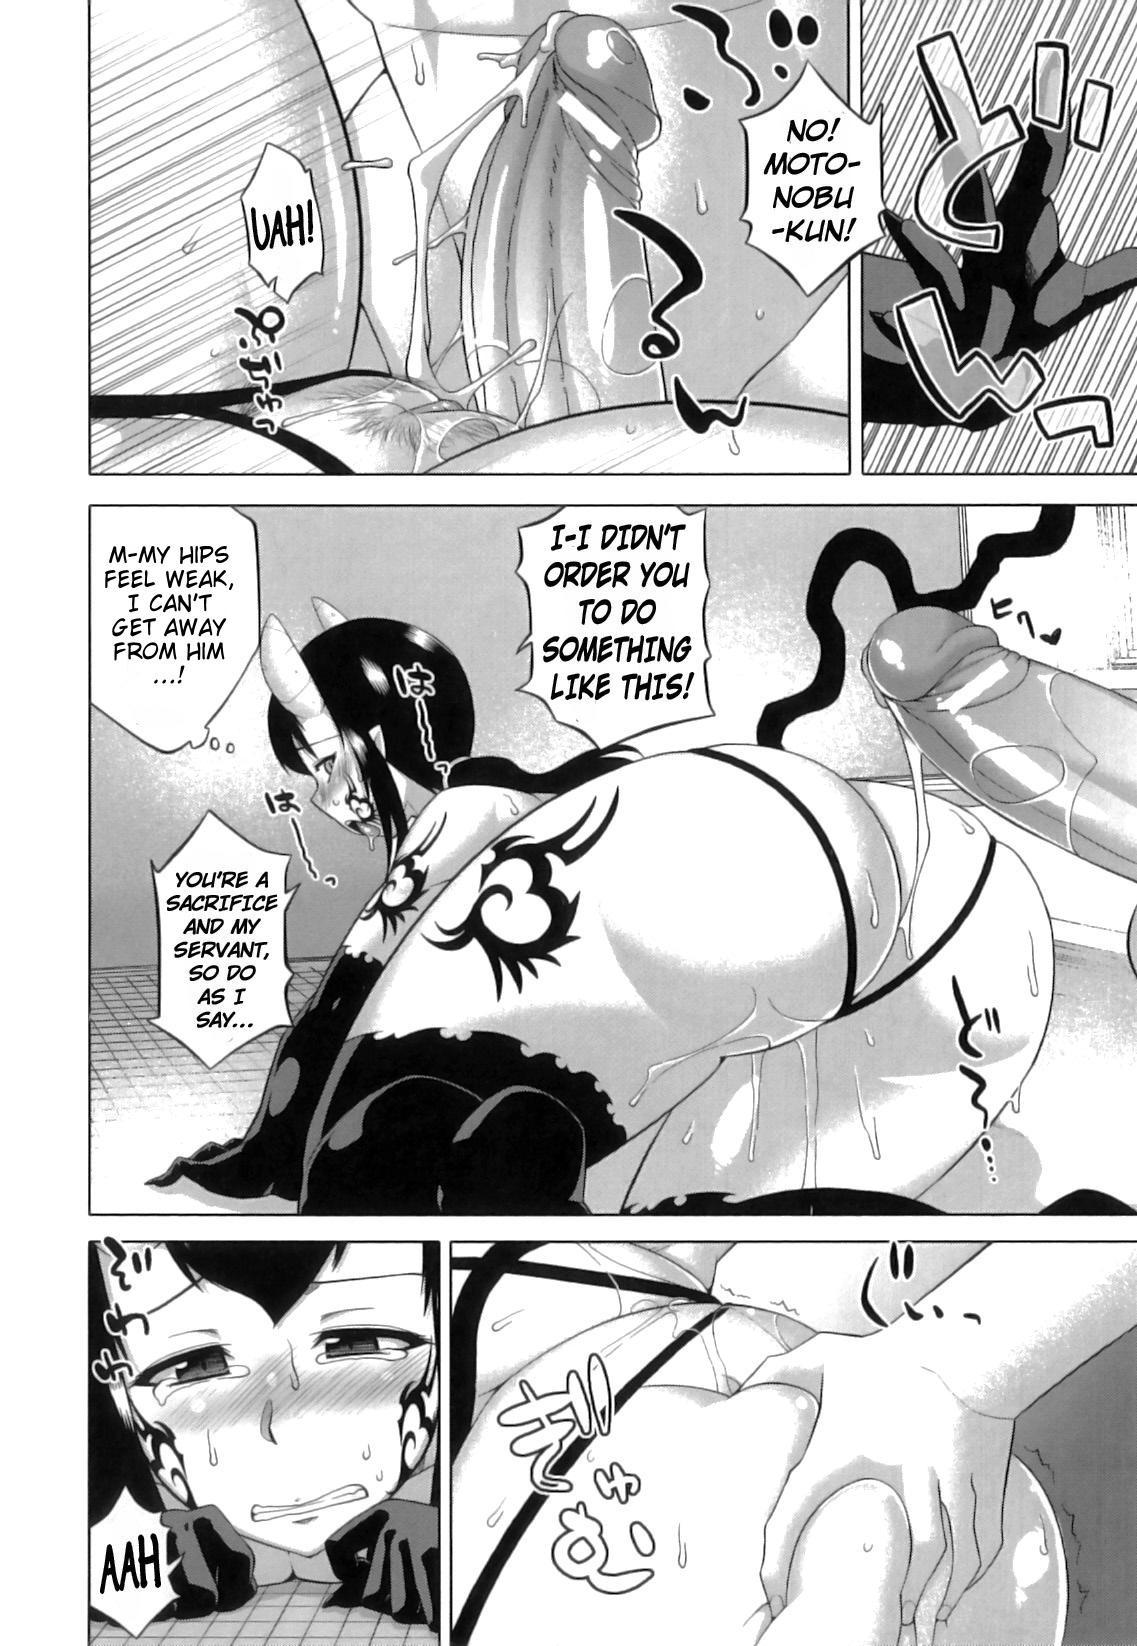 [Takatsu] DH! ~Himorogi Hyaku Yome Gatari~ | Demon-Hentai! - Shrine of One Hundred Wives [English] {doujin-moe.us} 157